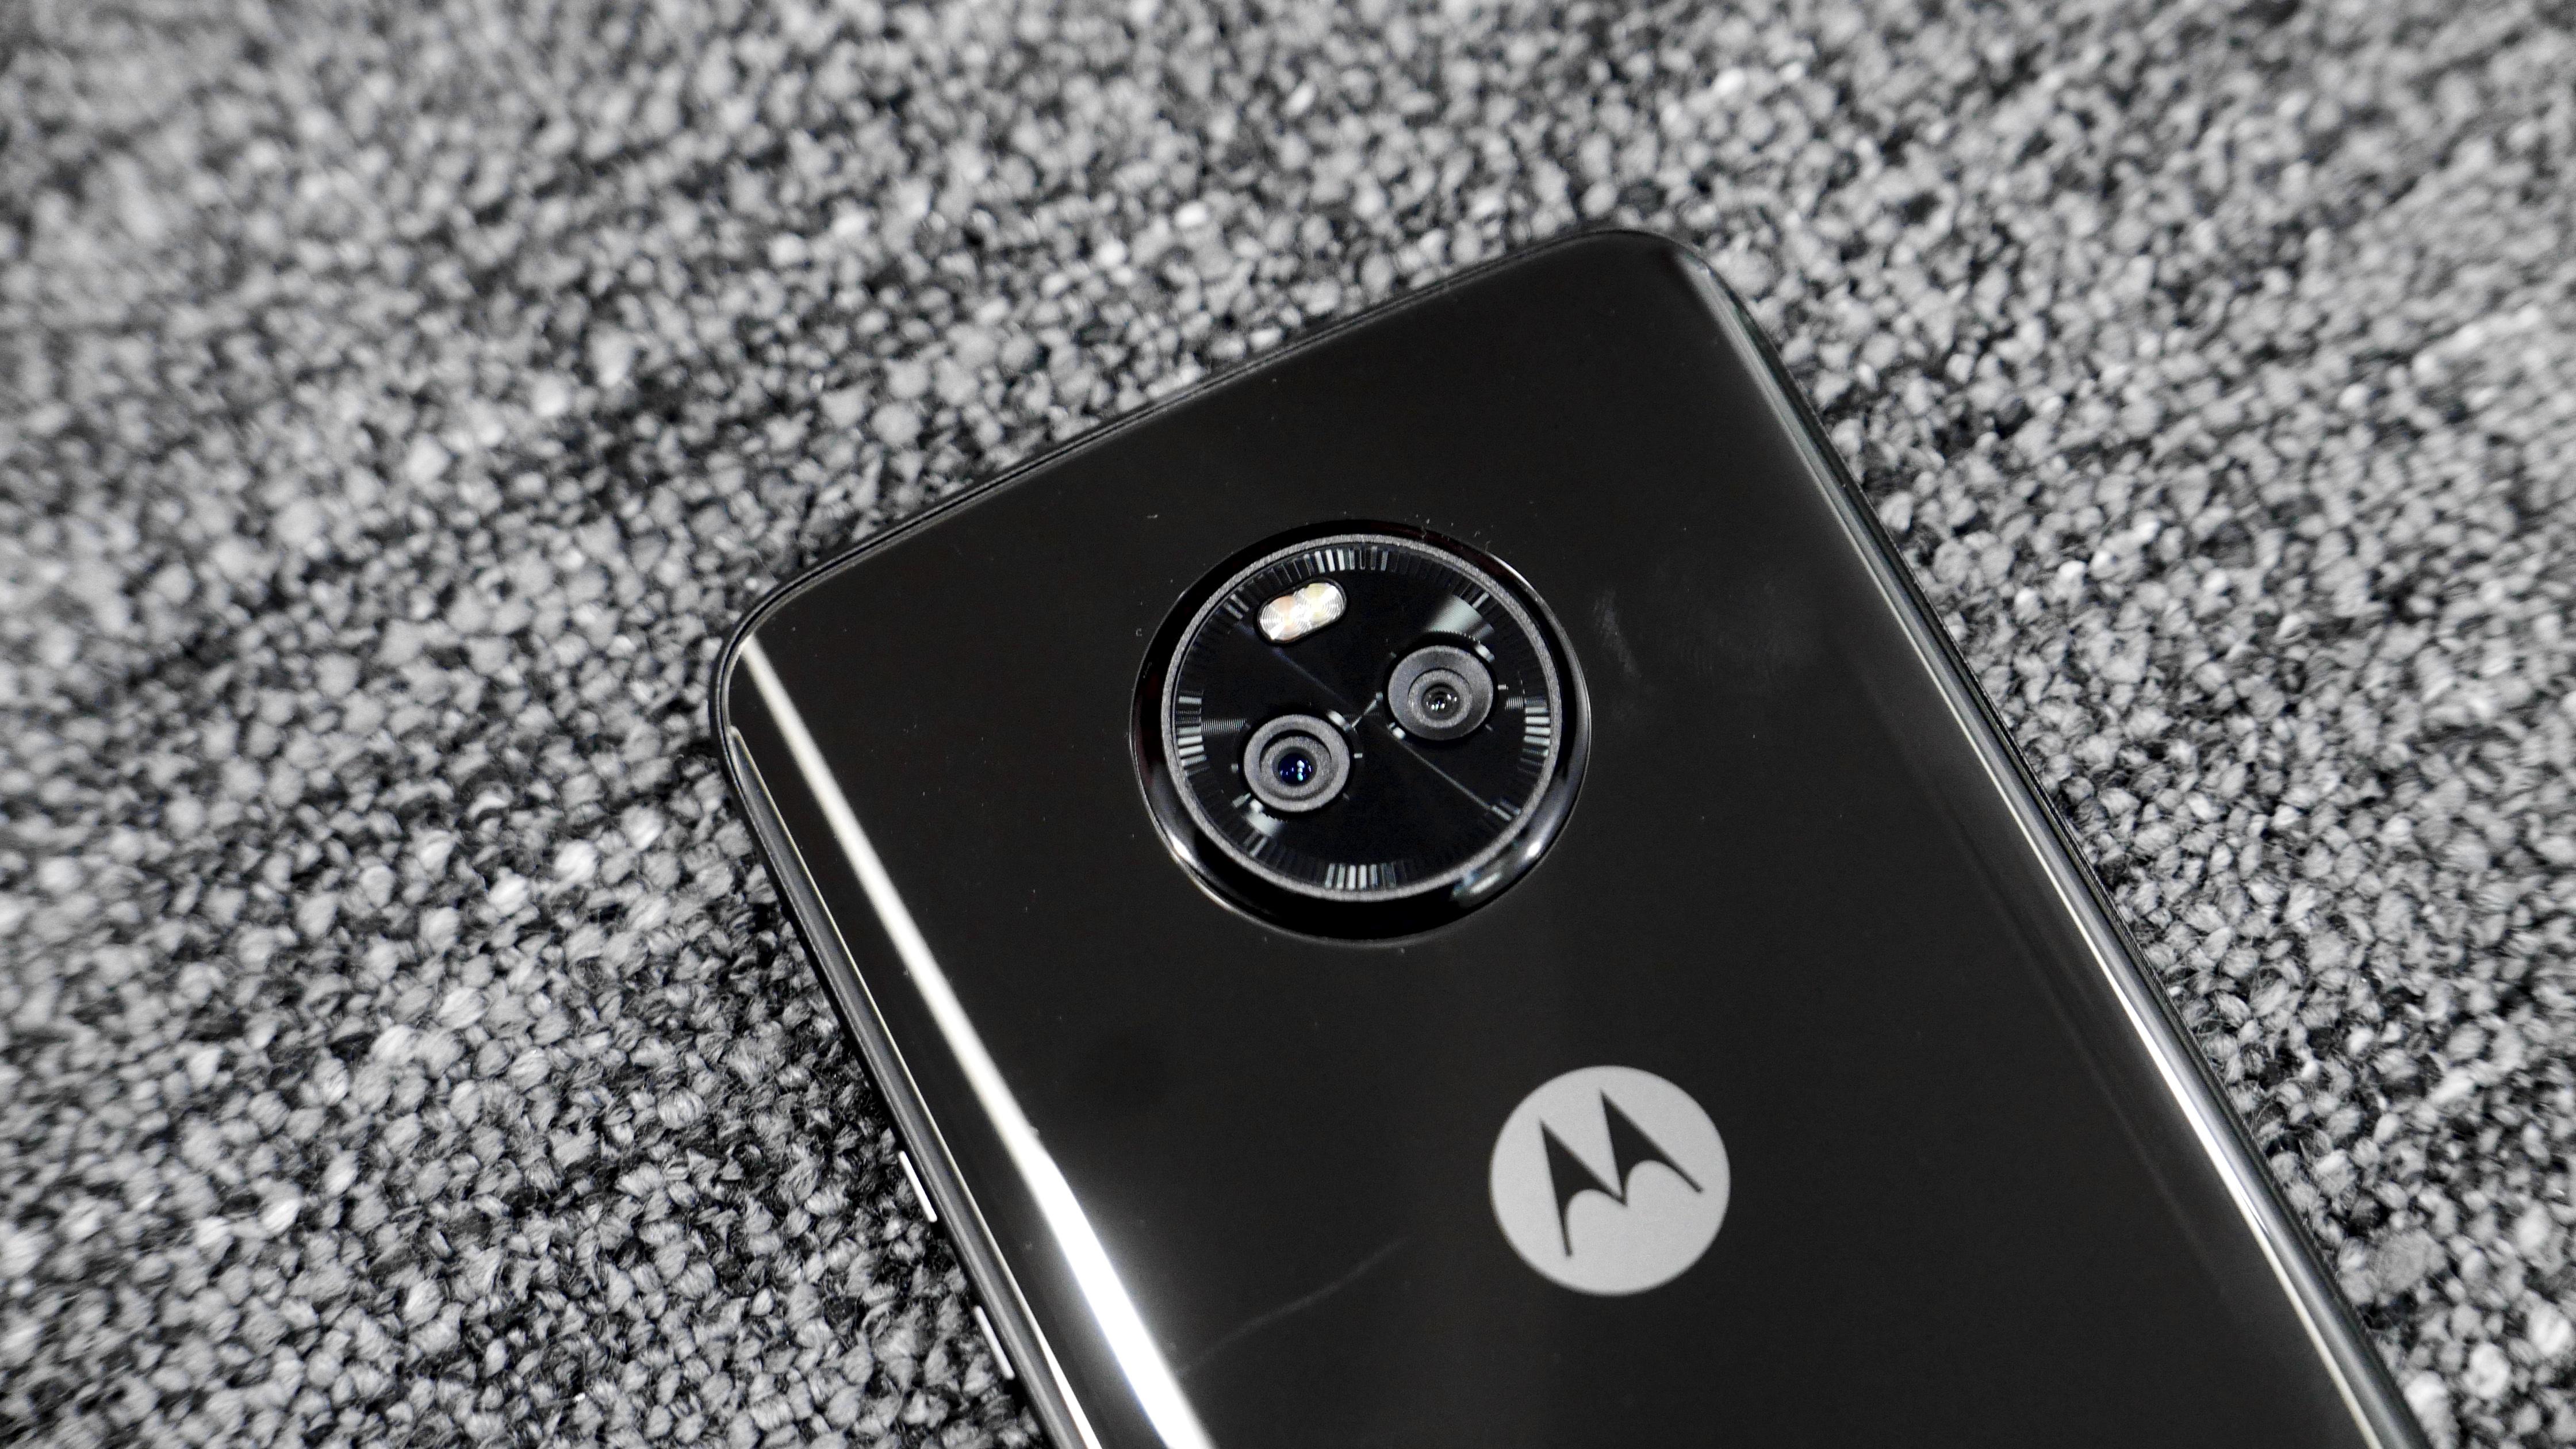 Las imágenes filtradas de Moto G6 lo acercan un paso más a la realidad